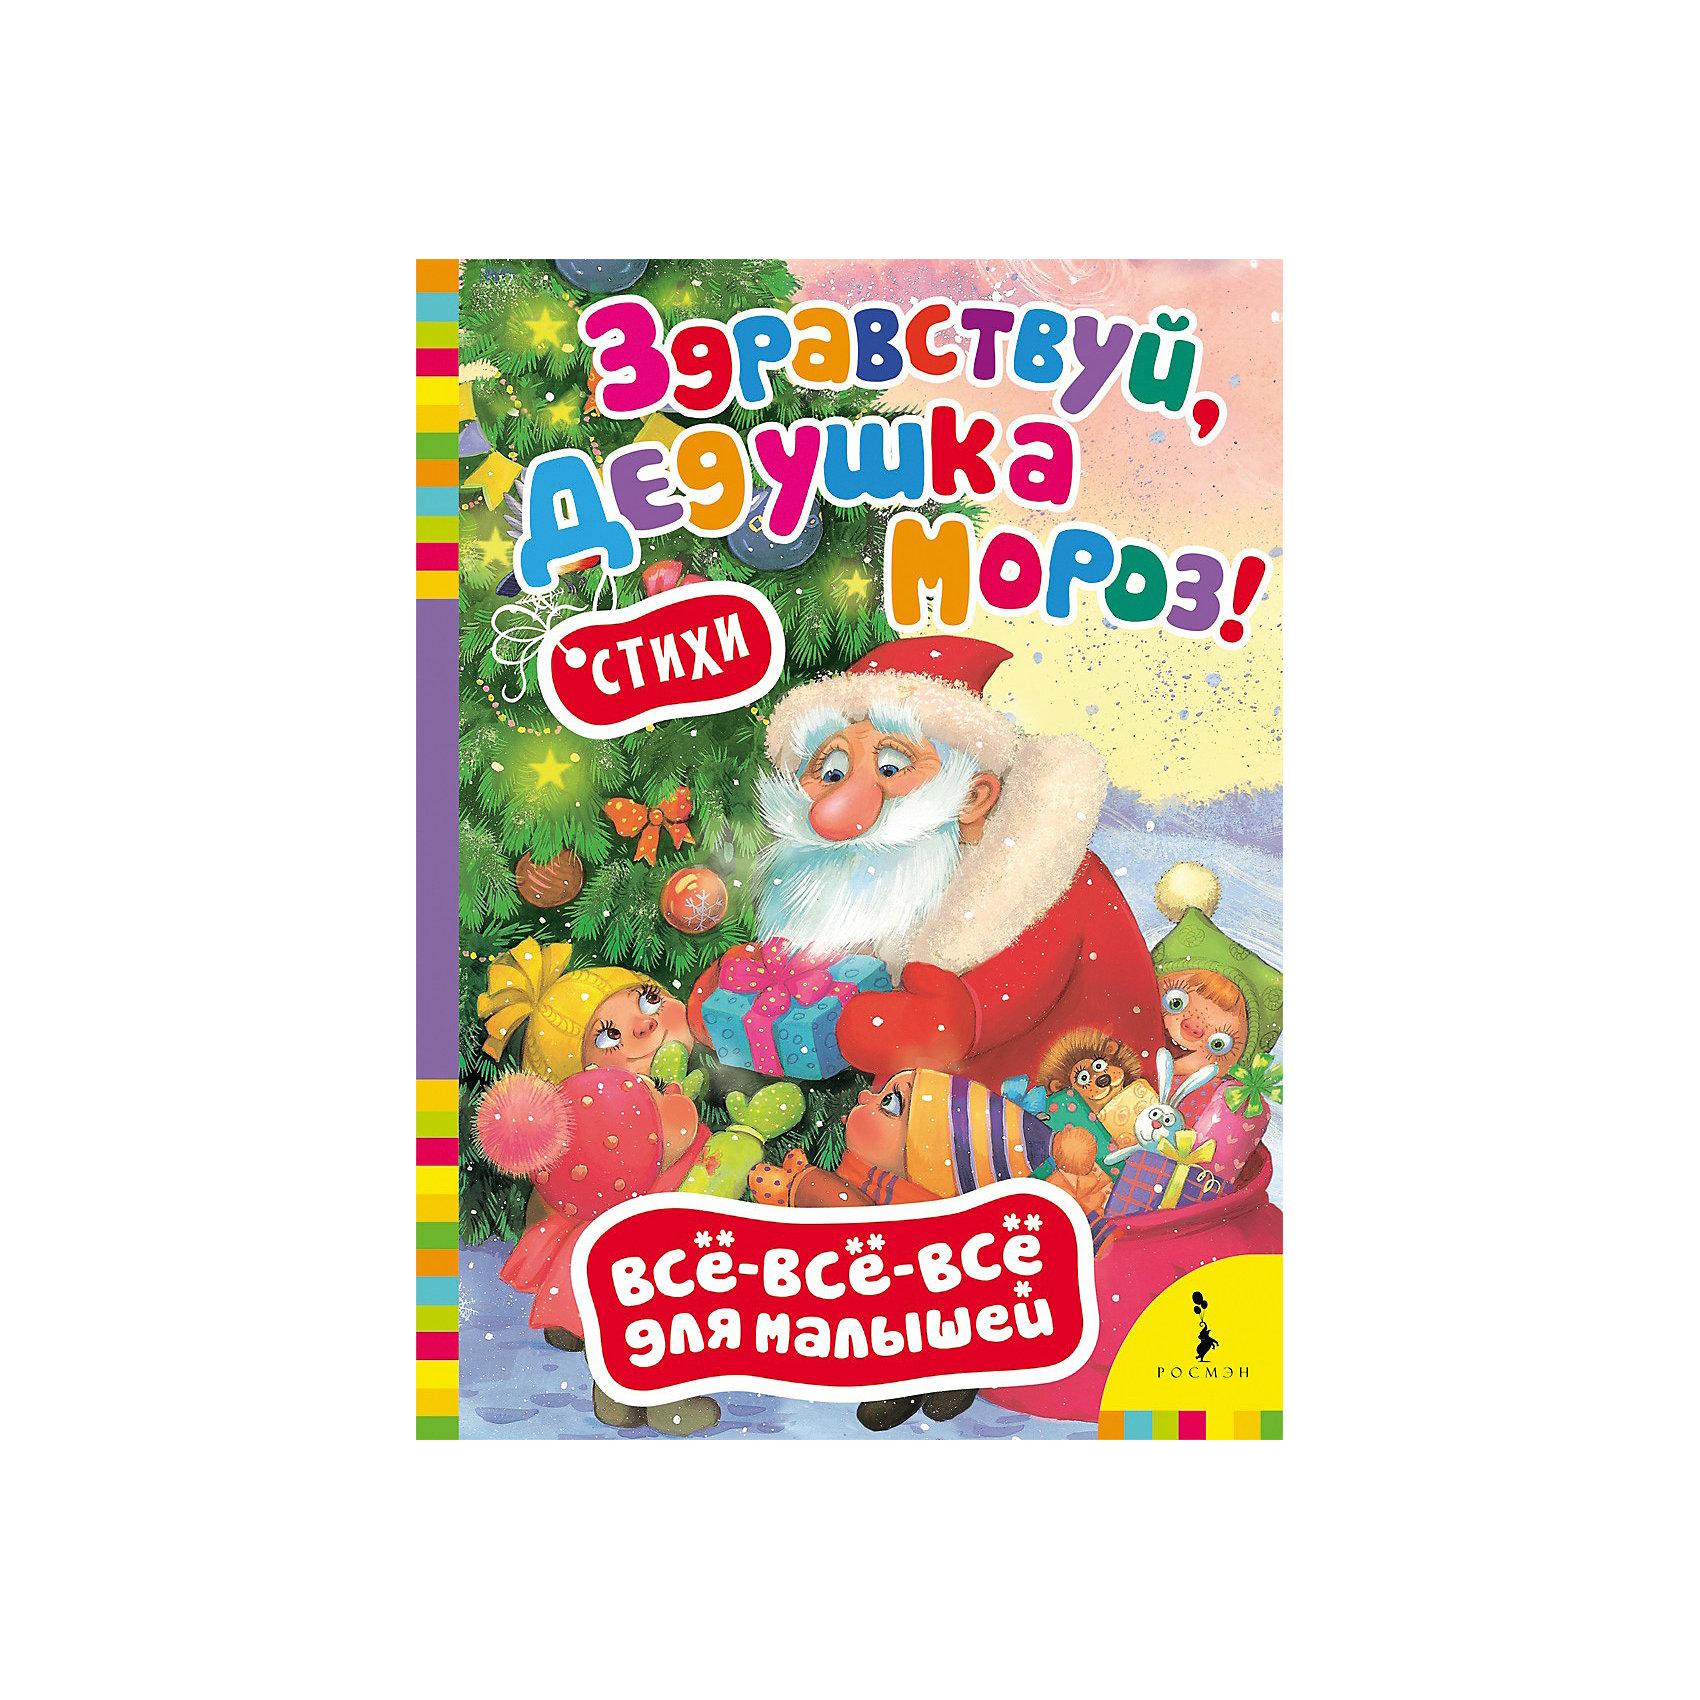 Здравствуй, дедушка Мороз!Прекрасный сборник для самых маленьких. Эта  книжка включает в себя небольшие добрые стихи, написанные простым понятным языком. Сборник дополнен яркими иллюстрация, которые заинтересуют даже самых юных читателей. Страницы книги выполнены из плотного картона - их очень удобно переворачивать.<br><br>Дополнительная информация:<br><br>- Переплет: картон.<br>- Формат: 215х160х5 мм<br>- Количество страниц: 8 стр. <br>- Автор: Марина Дружинина, Екатерина Корсакова, Наталья Скороденко, И. Сурикова<br>- Иллюстрации: цветные.<br>- Иллюстратор: Л. Еремина.<br>- В книгу вошли стихи: Лучший праздник - Новый год!, Зимушка-зима, Фейерверк,  Ёлка, Дед Мороз, Зима.<br><br>Большую новогоднюю книгу серии Все лучшие сказки можно купить в нашем магазине.<br><br>Ширина мм: 215<br>Глубина мм: 160<br>Высота мм: 5<br>Вес г: 120<br>Возраст от месяцев: 12<br>Возраст до месяцев: 72<br>Пол: Унисекс<br>Возраст: Детский<br>SKU: 3831772